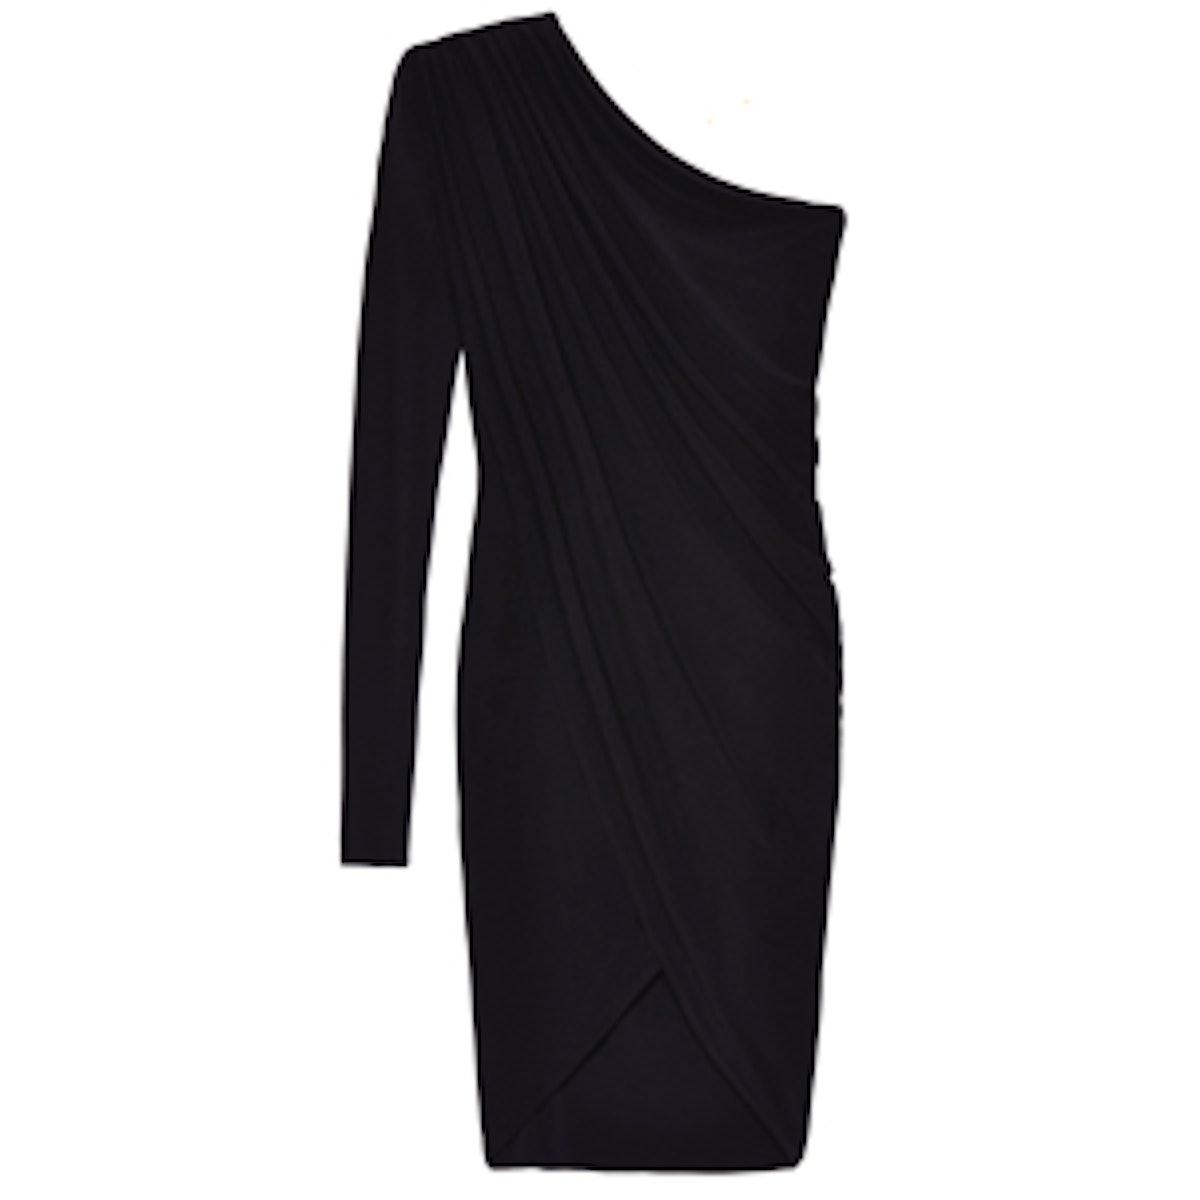 One Sleeve Draped Dress